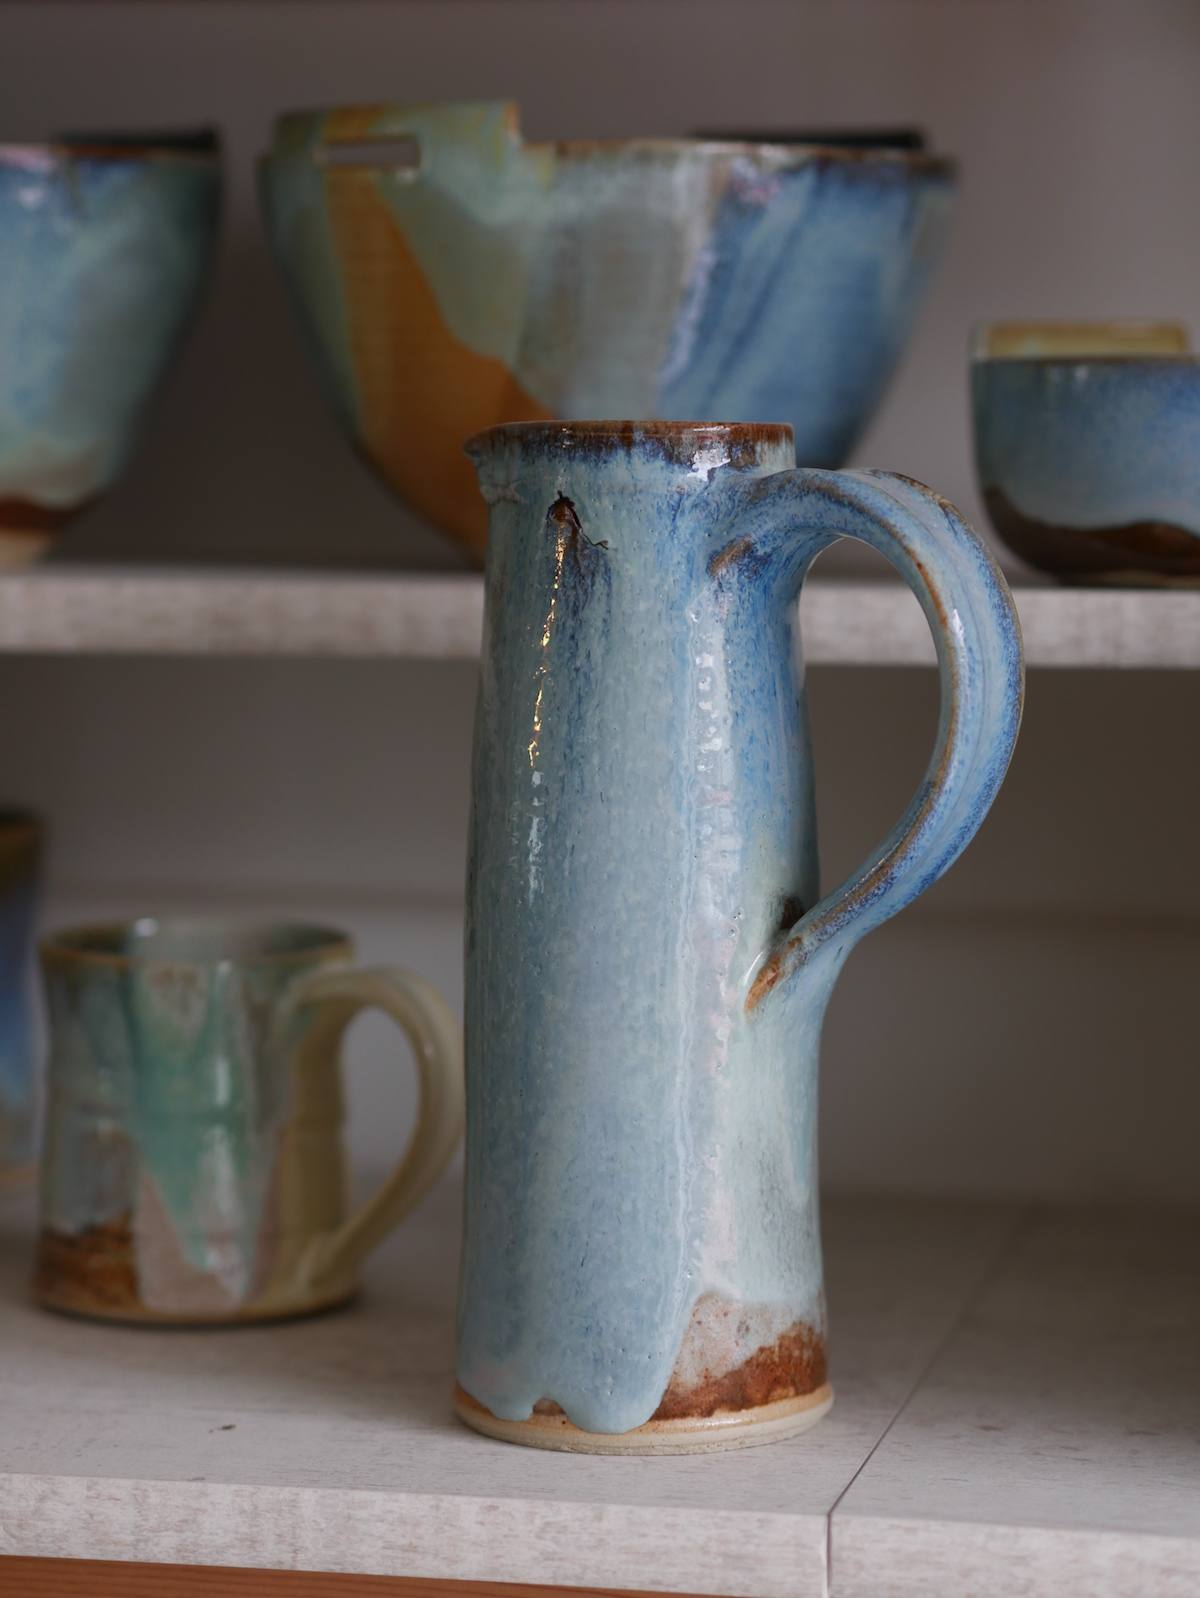 Ceramique nantes 44 - Fleur d'argile Cordemais 2